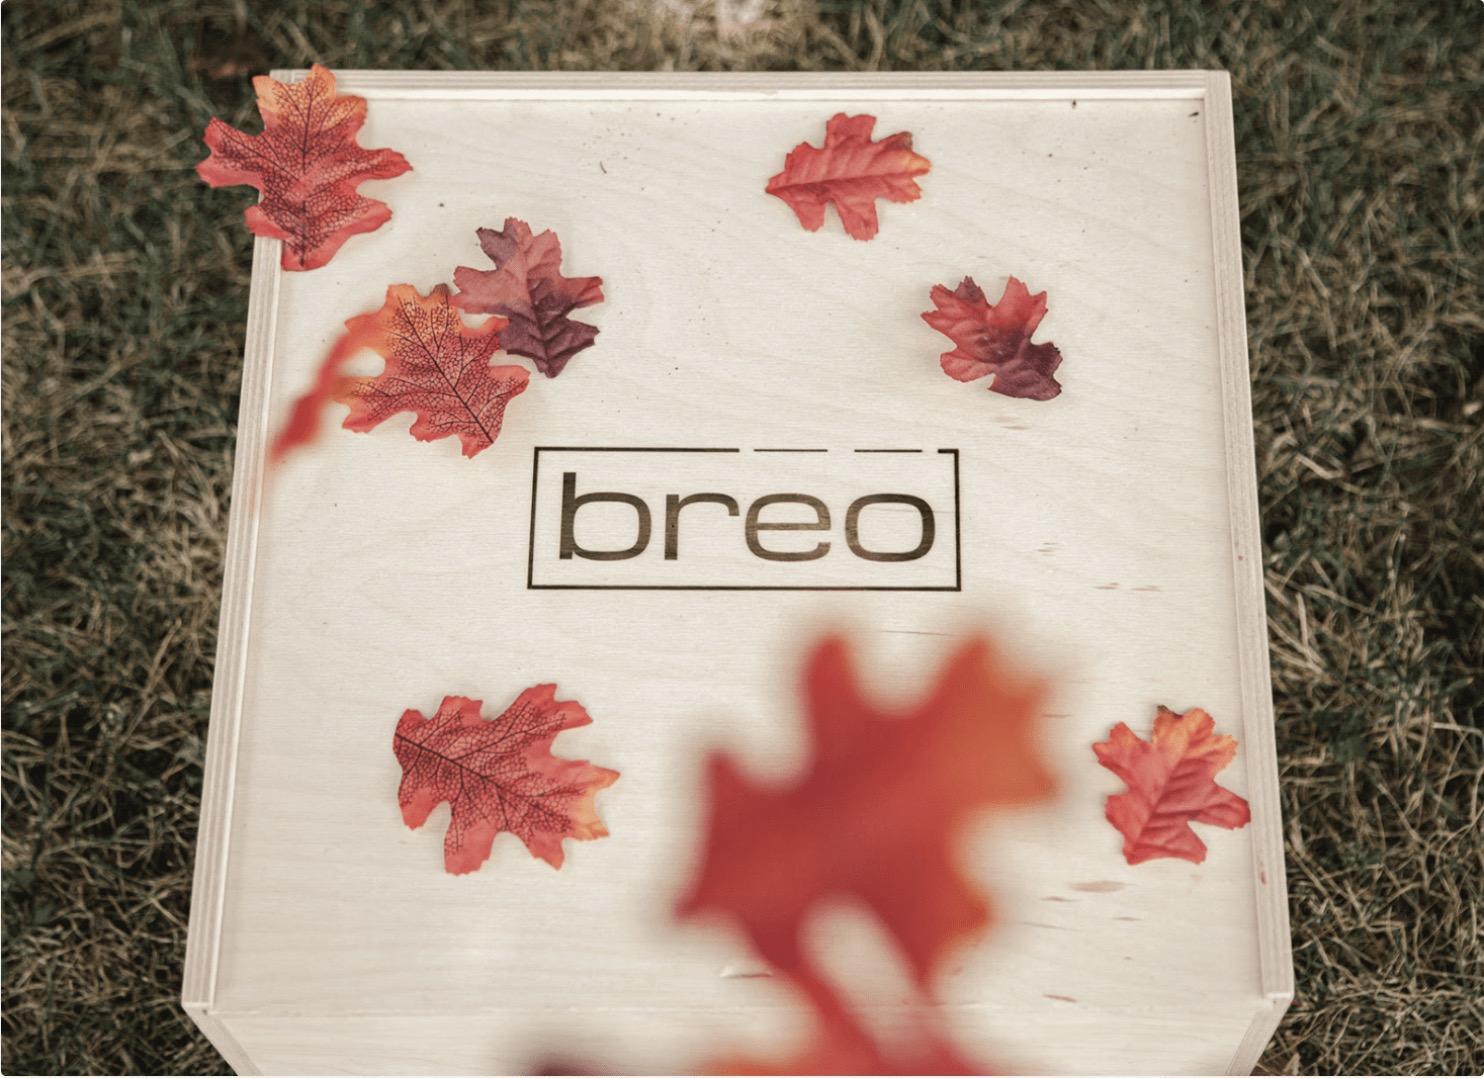 Breo Box Fall 2021 – Spoiler #3